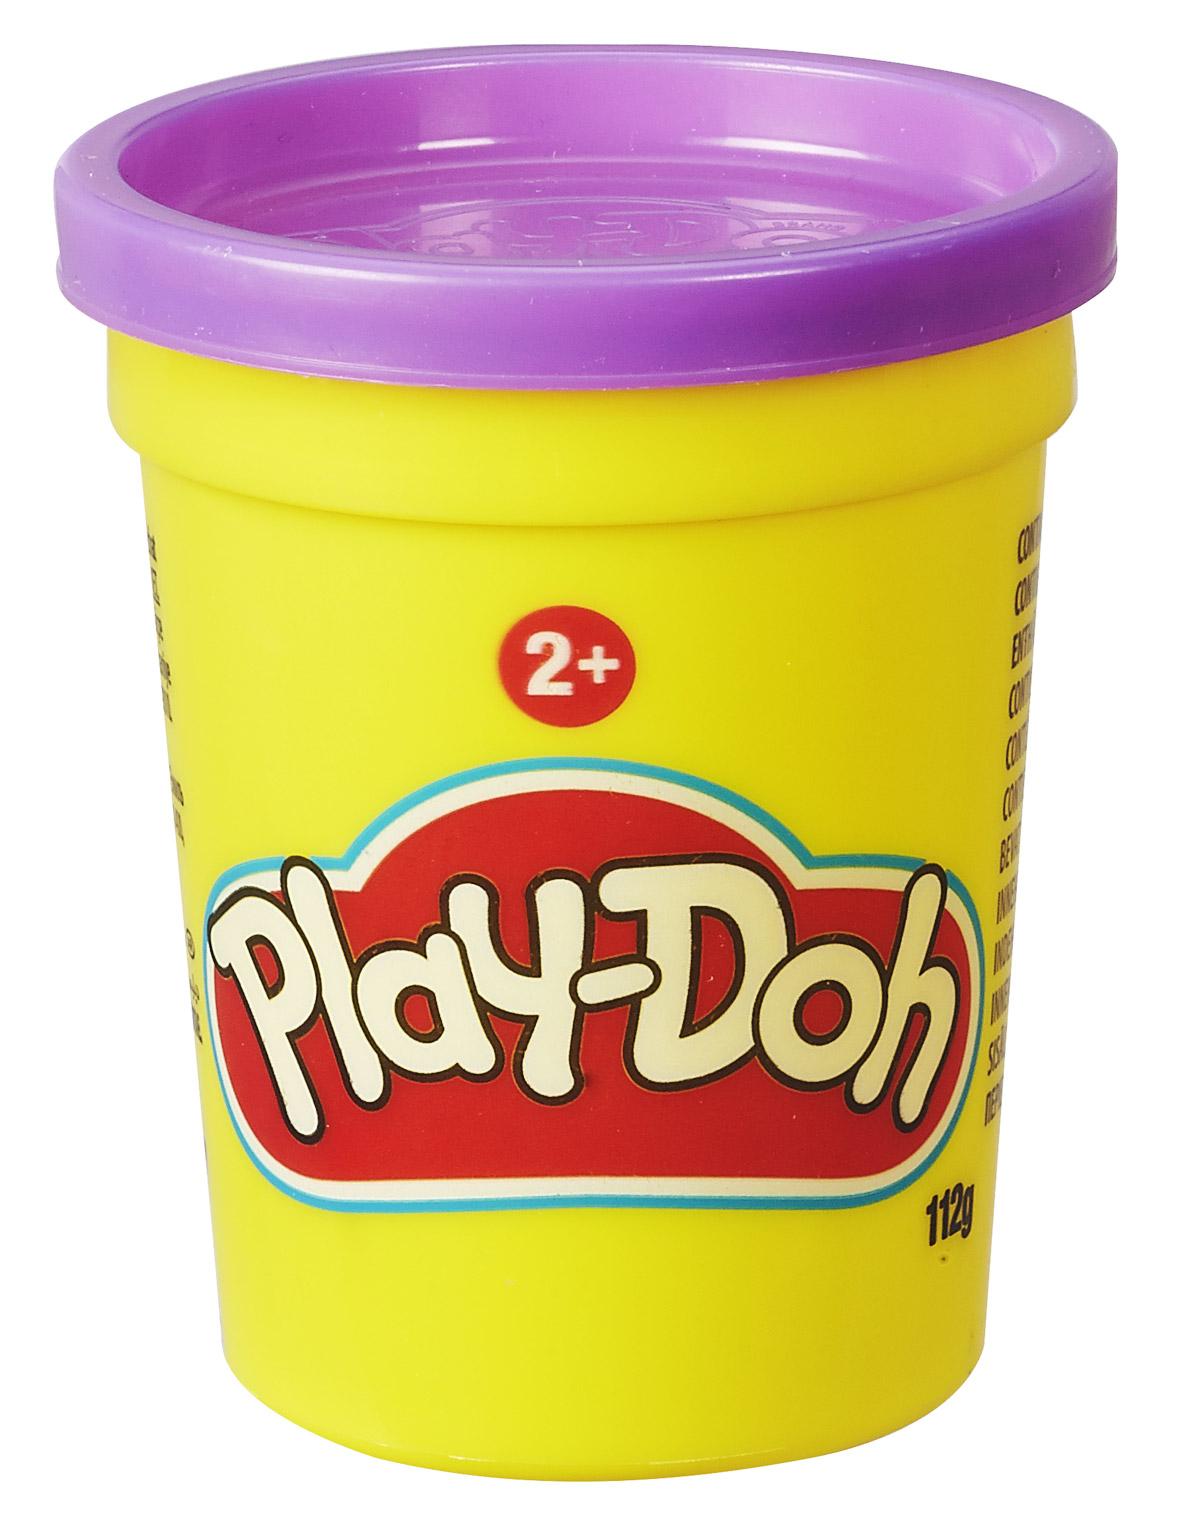 Play-Doh Масса для лепки цвет сиреневыйB6754EU2_сиреневыйМасса для лепки Play-Doh, предназначенная для лепки и моделирования, поможет малышу развить творческие способности, воображение и мелкую моторику рук. Очень мягкий пластилин хорошо мнется и быстро высыхает. Окрашен безопасным красителем. Лепка из пластилина - необычайно занимательный процесс не только для детей, но и для взрослых.